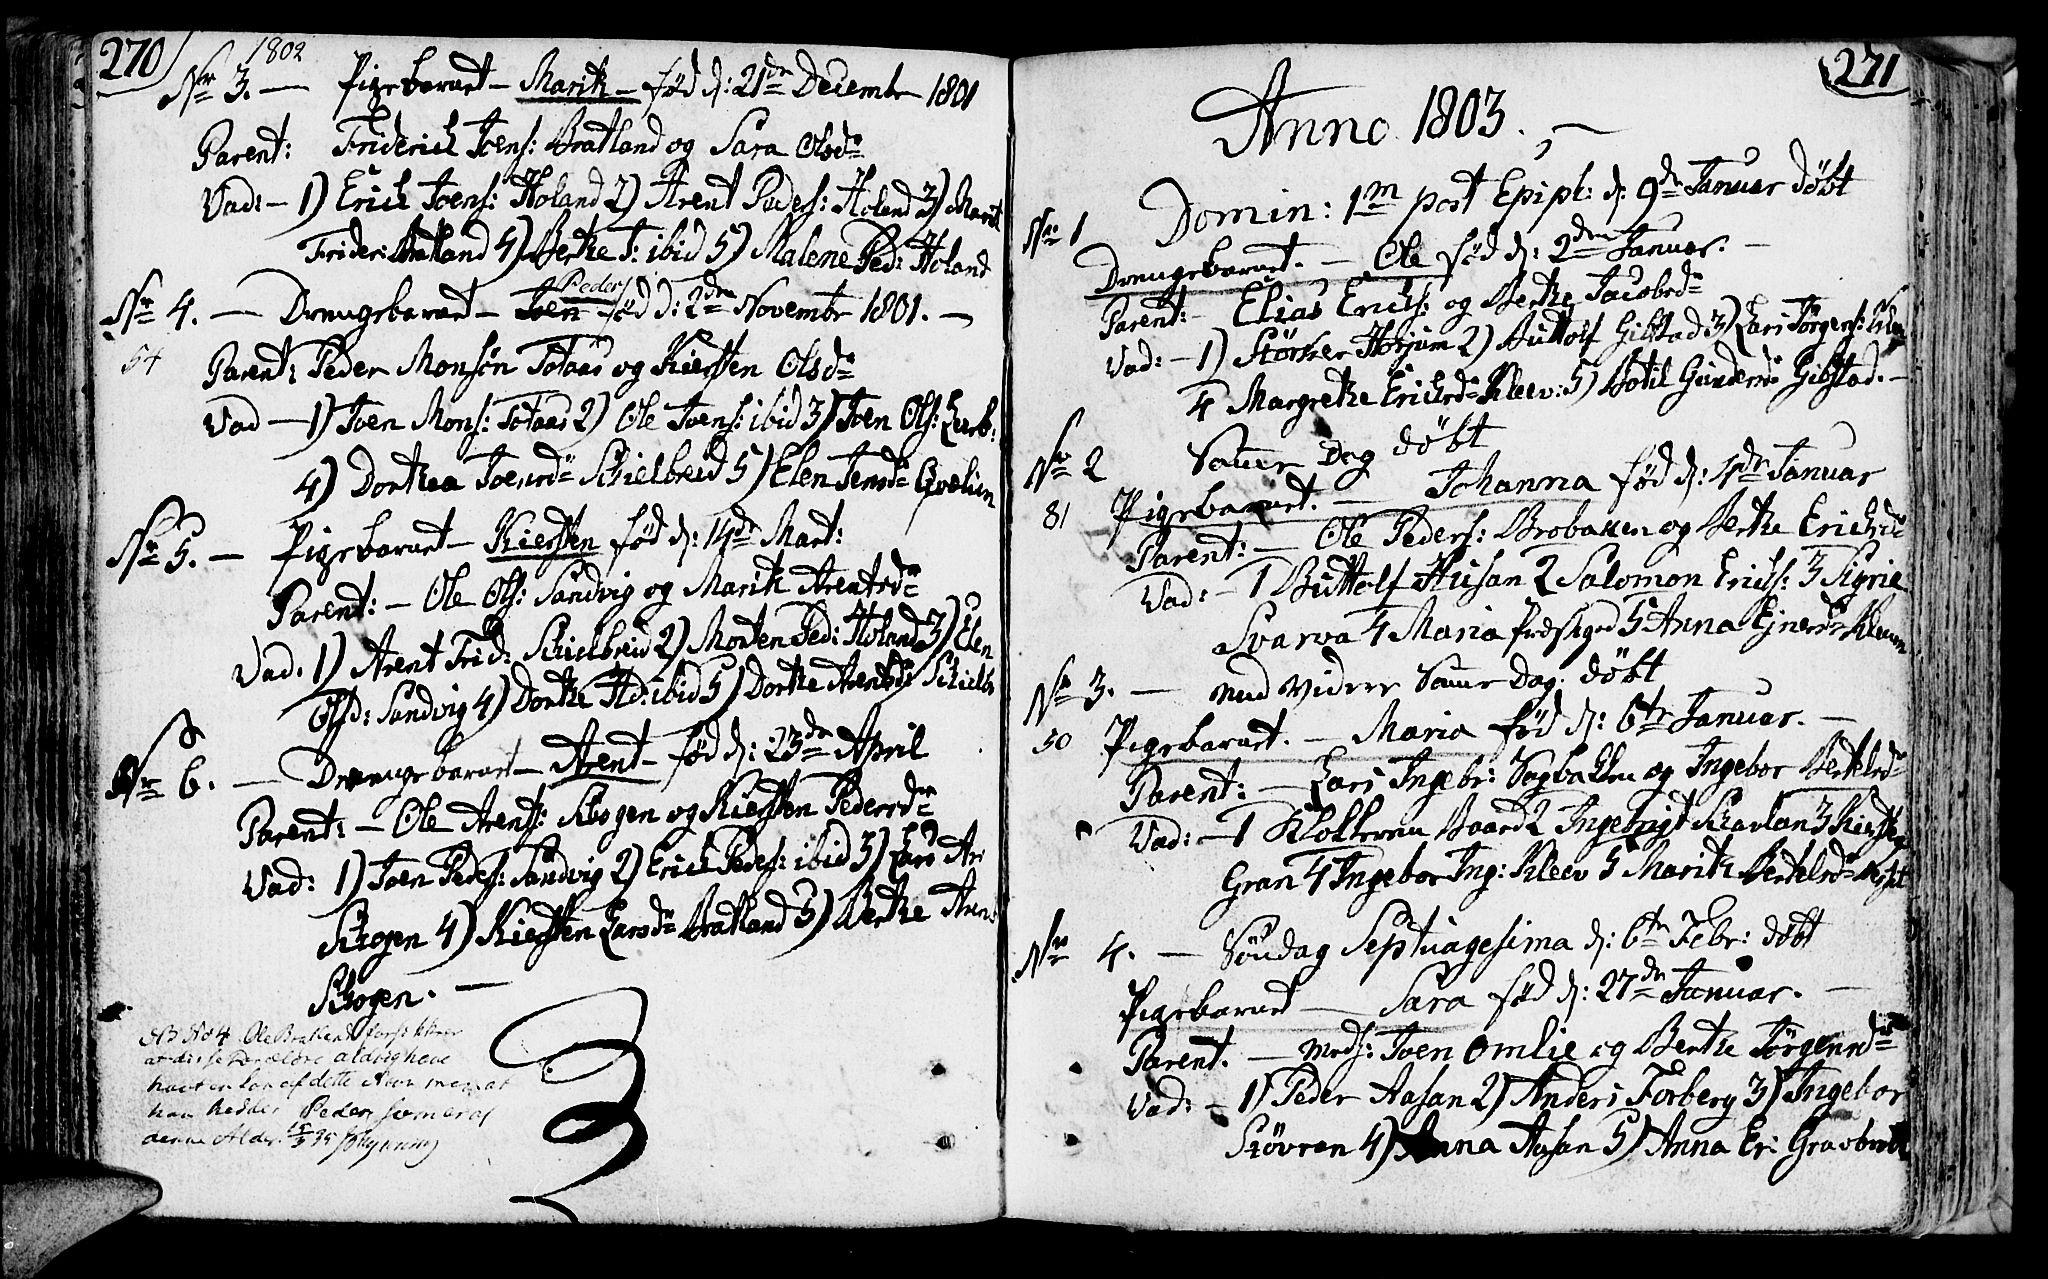 SAT, Ministerialprotokoller, klokkerbøker og fødselsregistre - Nord-Trøndelag, 749/L0468: Ministerialbok nr. 749A02, 1787-1817, s. 270-271